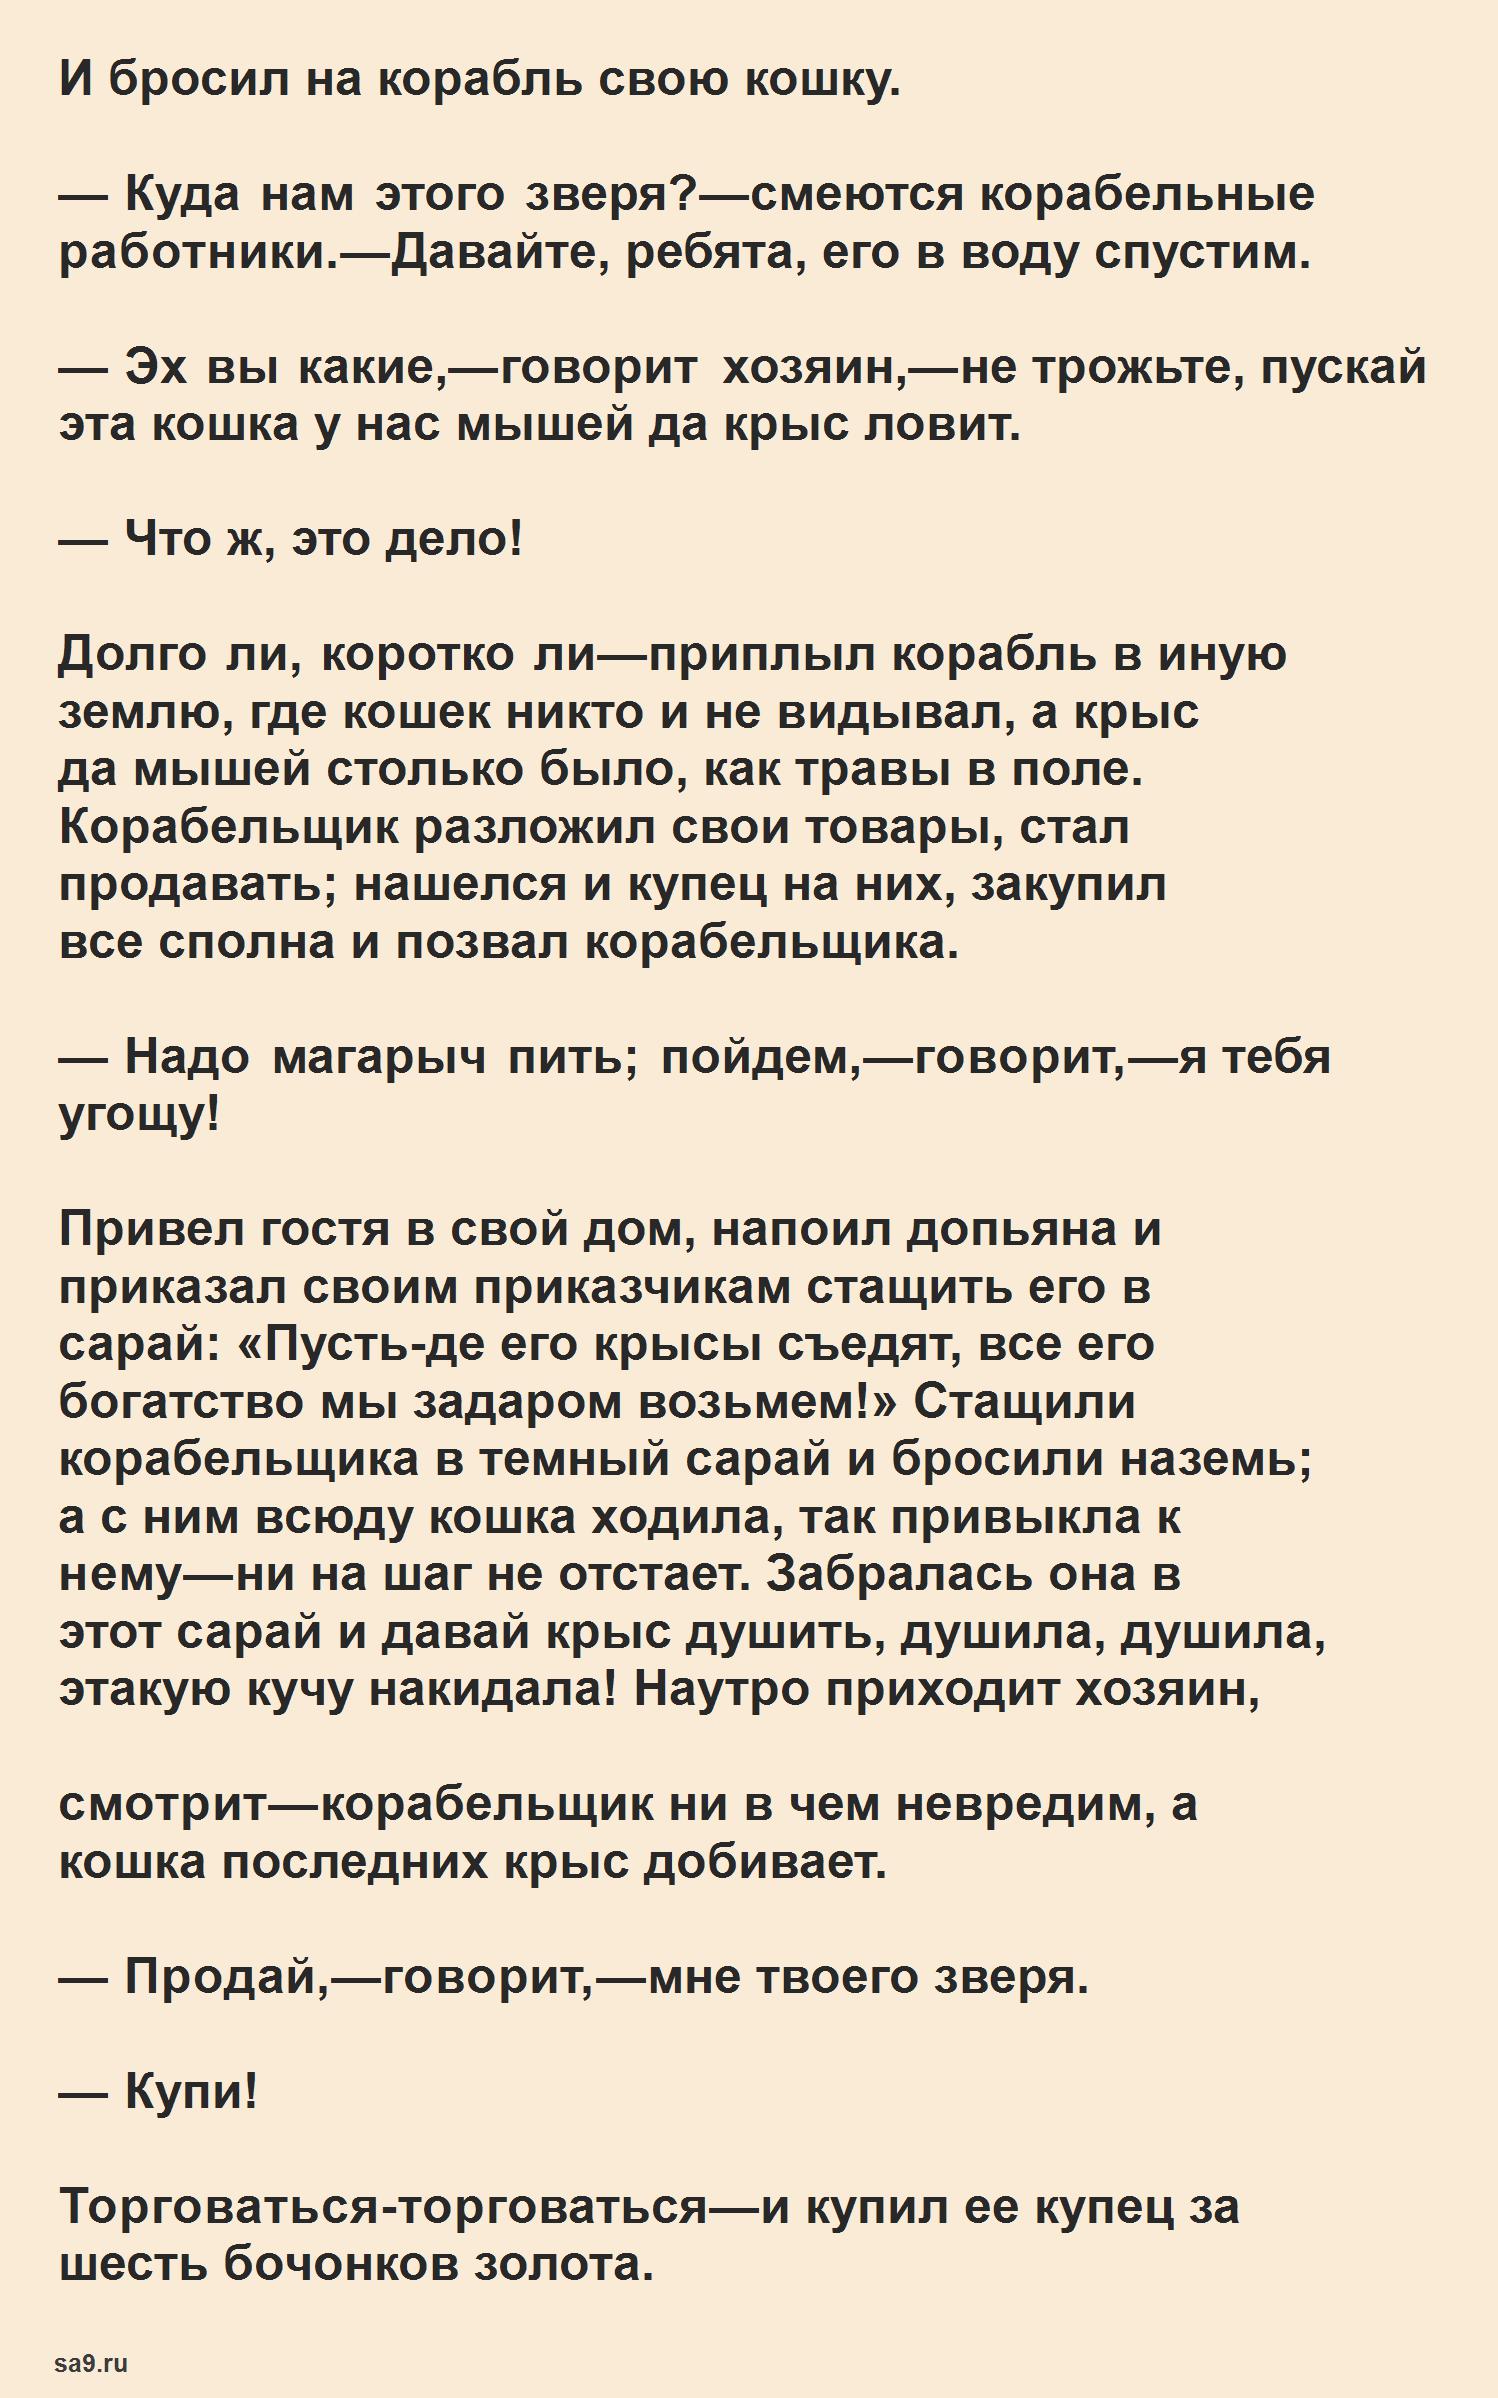 Русская народная сказка для детей – Мудрая жена